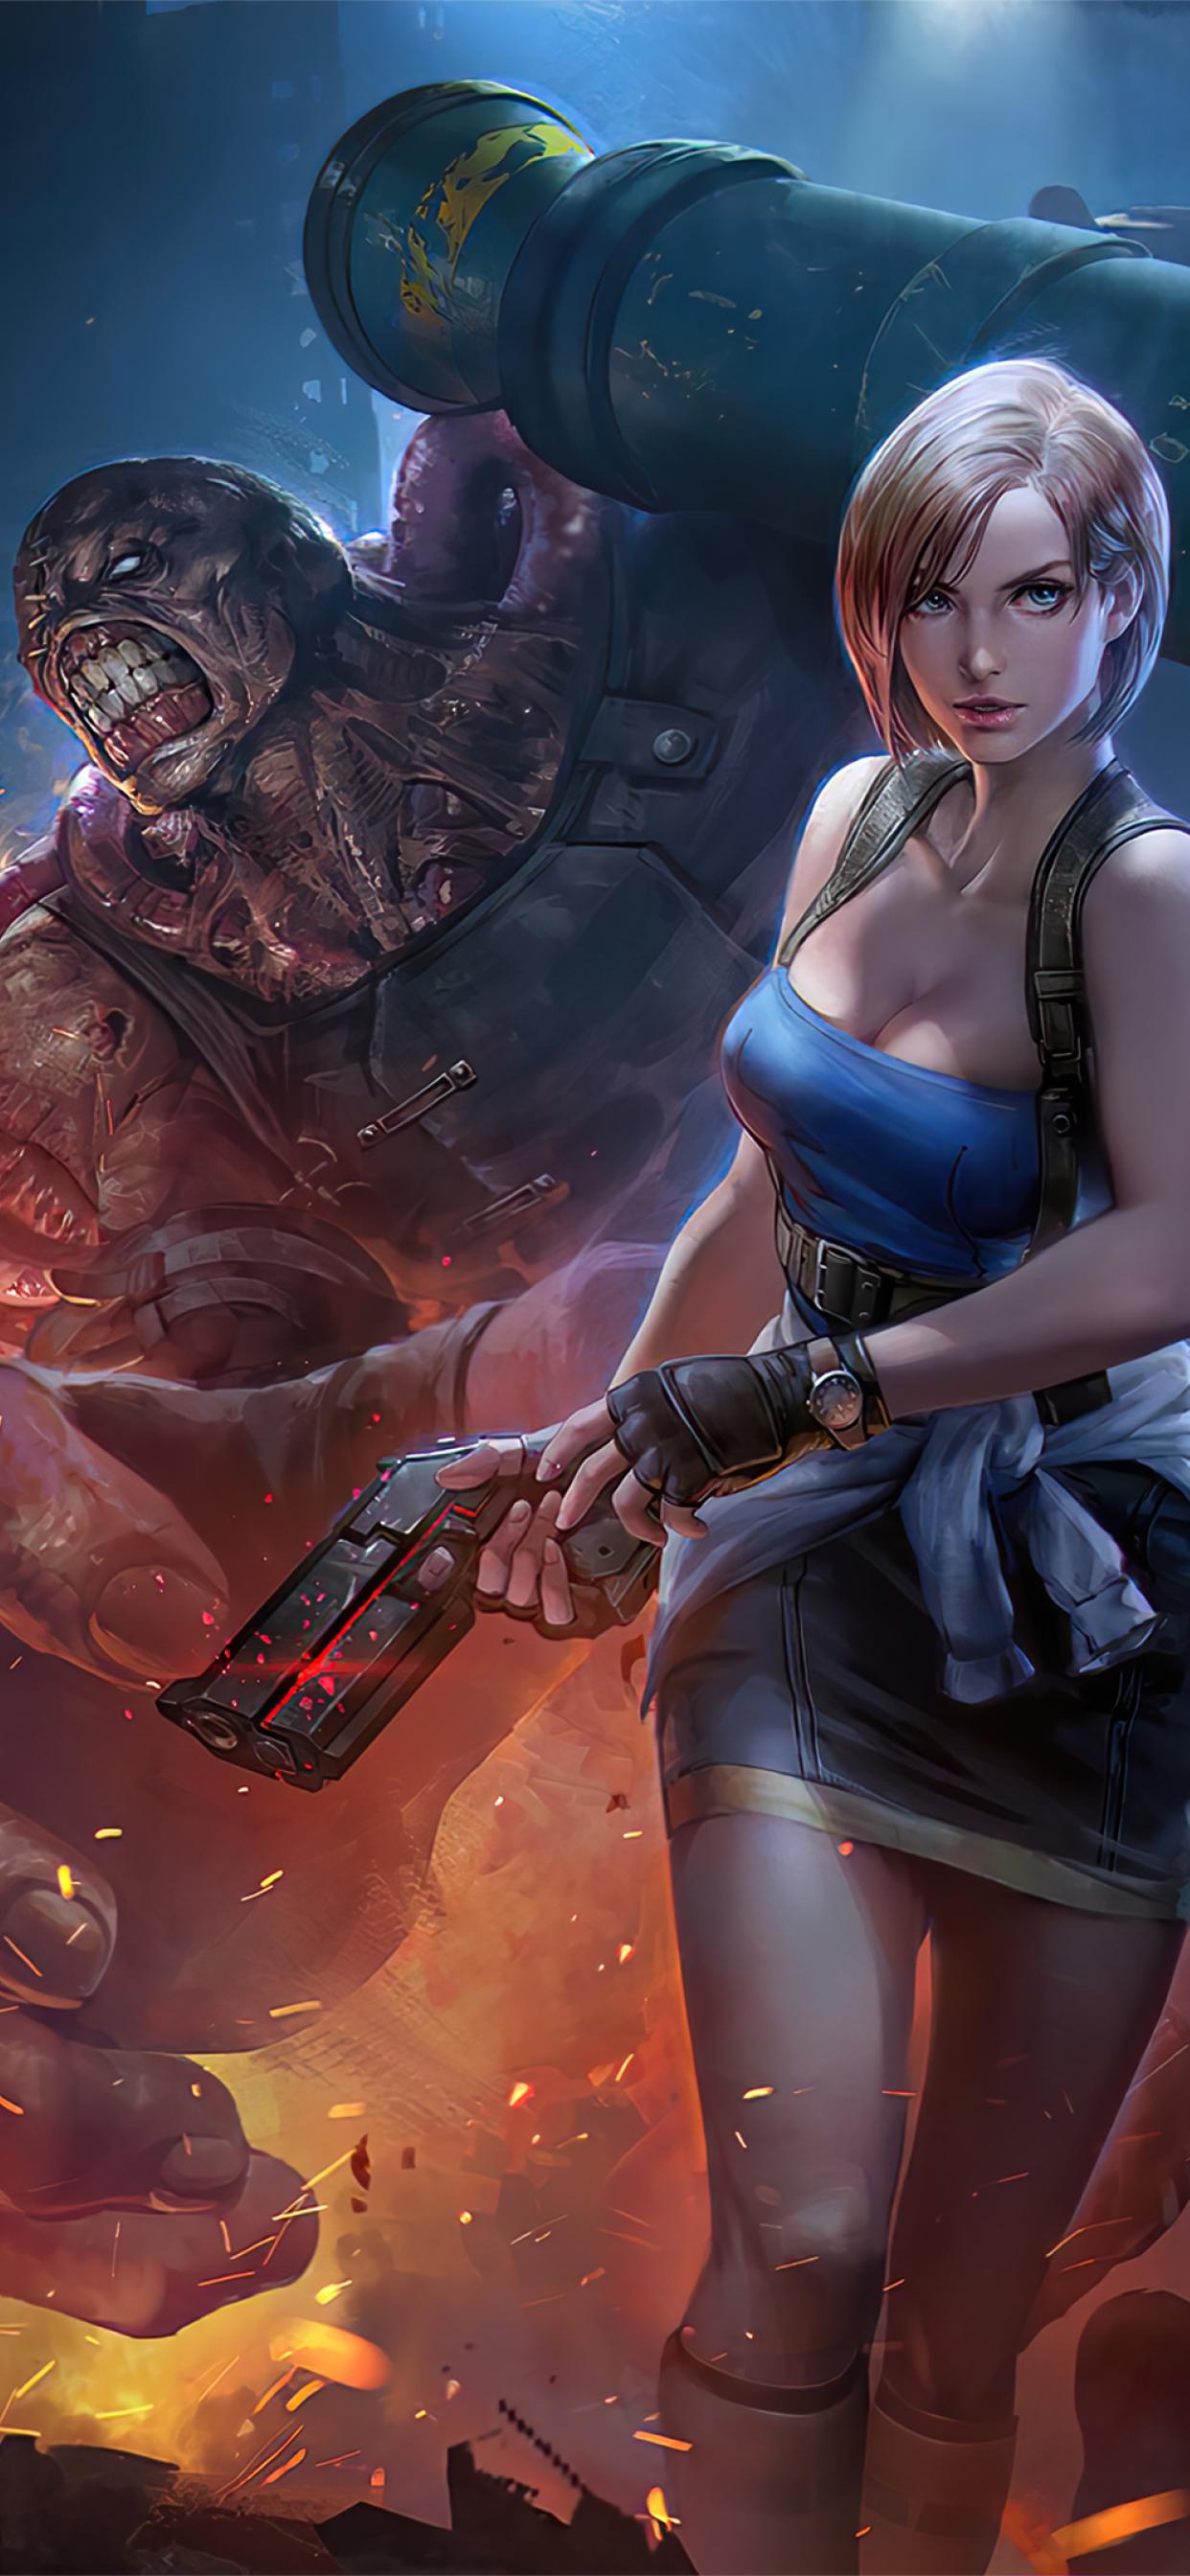 1242x2688 Resident Evil 2020 Iphone XS MAX Wallpaper, HD ...